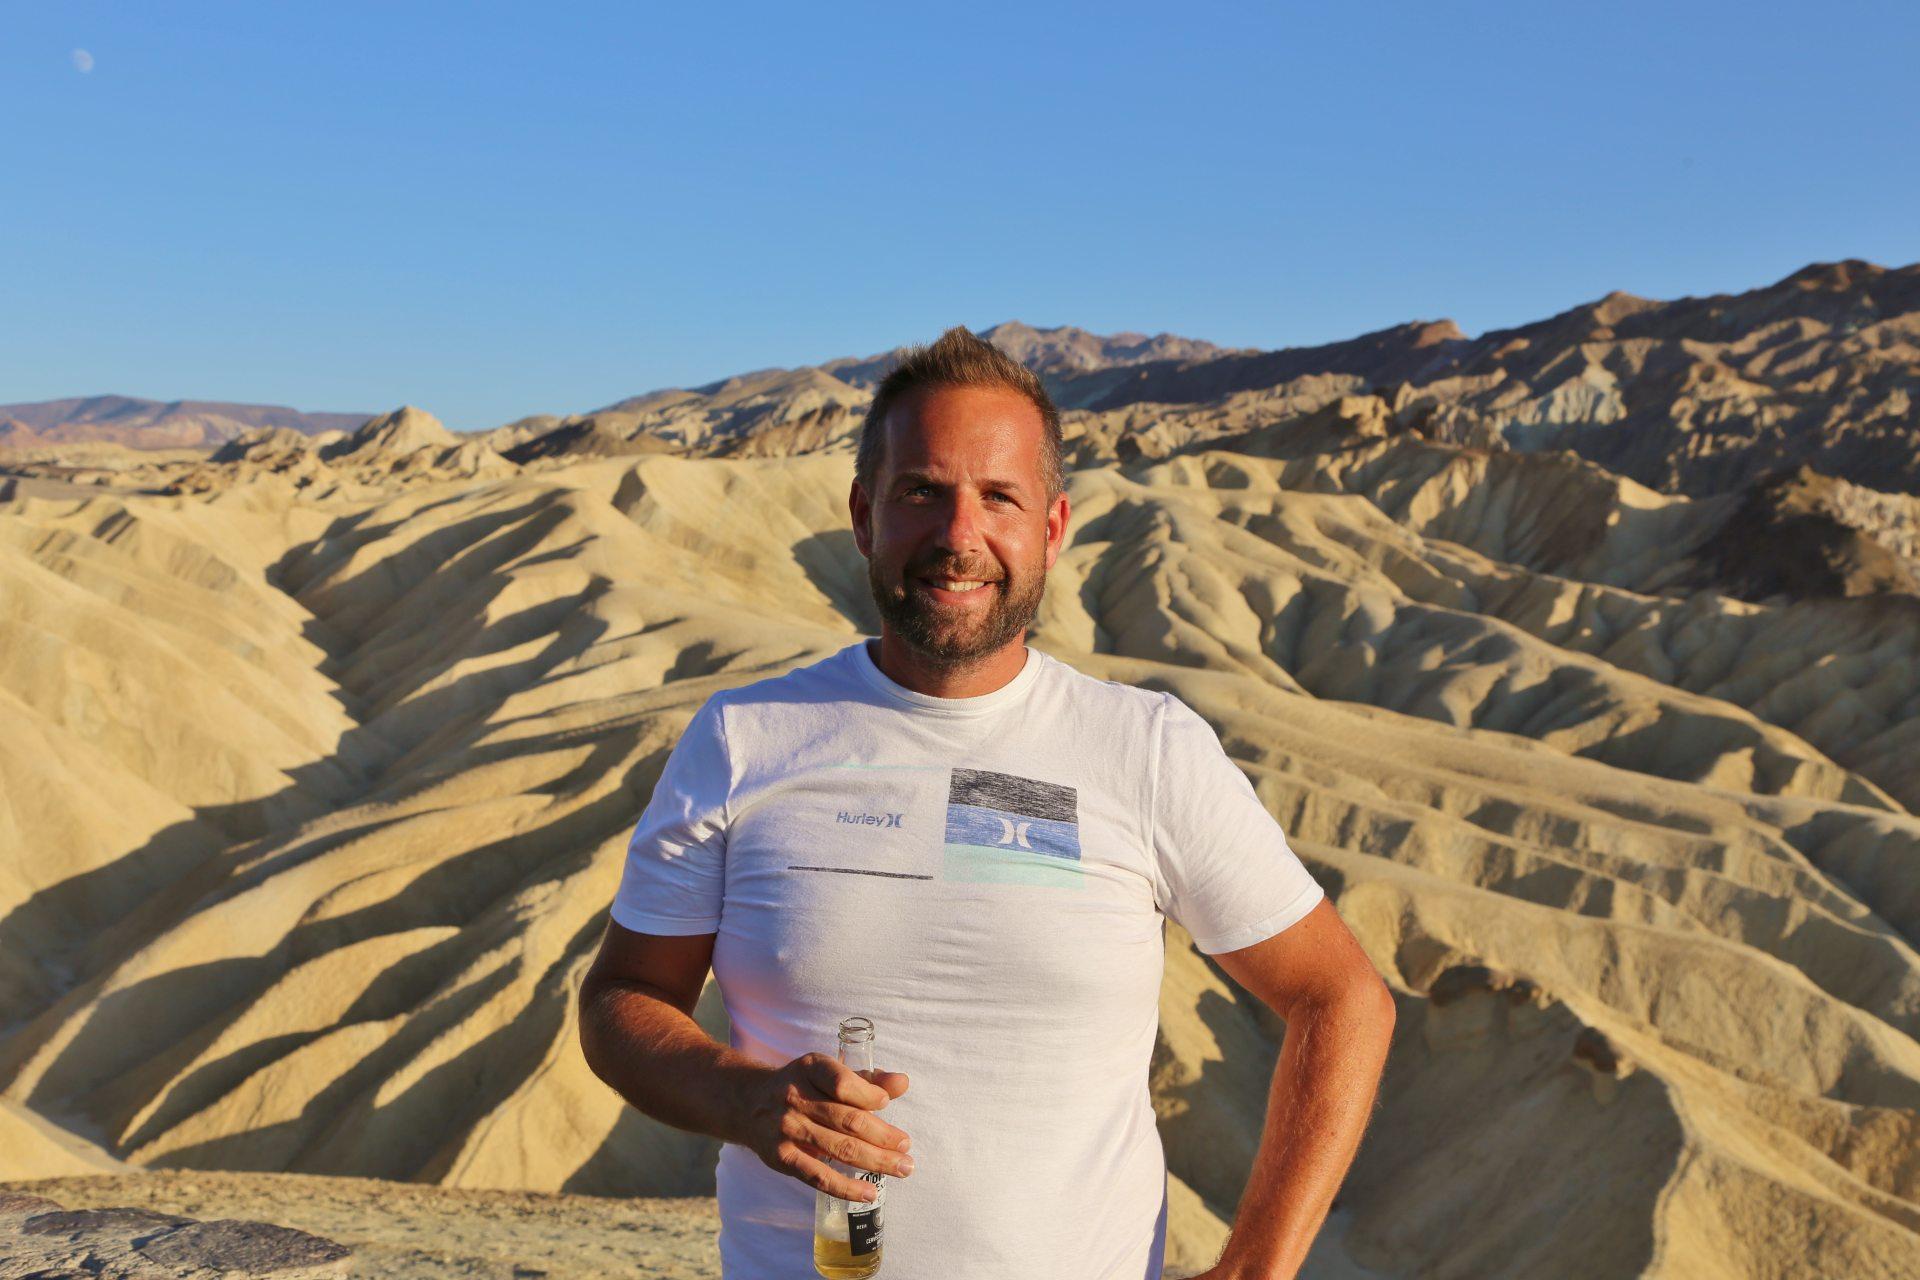 2019 trank man noch vorbehaltlos ein Corona! - Death Valley National Park, Erosion, Gebirgszug, Gestein, Himmel, Kalifornien, Landschaft, Mojave-Wüste, Personen, Portrait, Porträt, Sandstein, Wüste, Zabriskie Point - WEISSINGER Andreas - (Furnace Creek, Death Valley, California, Vereinigte Staaten)